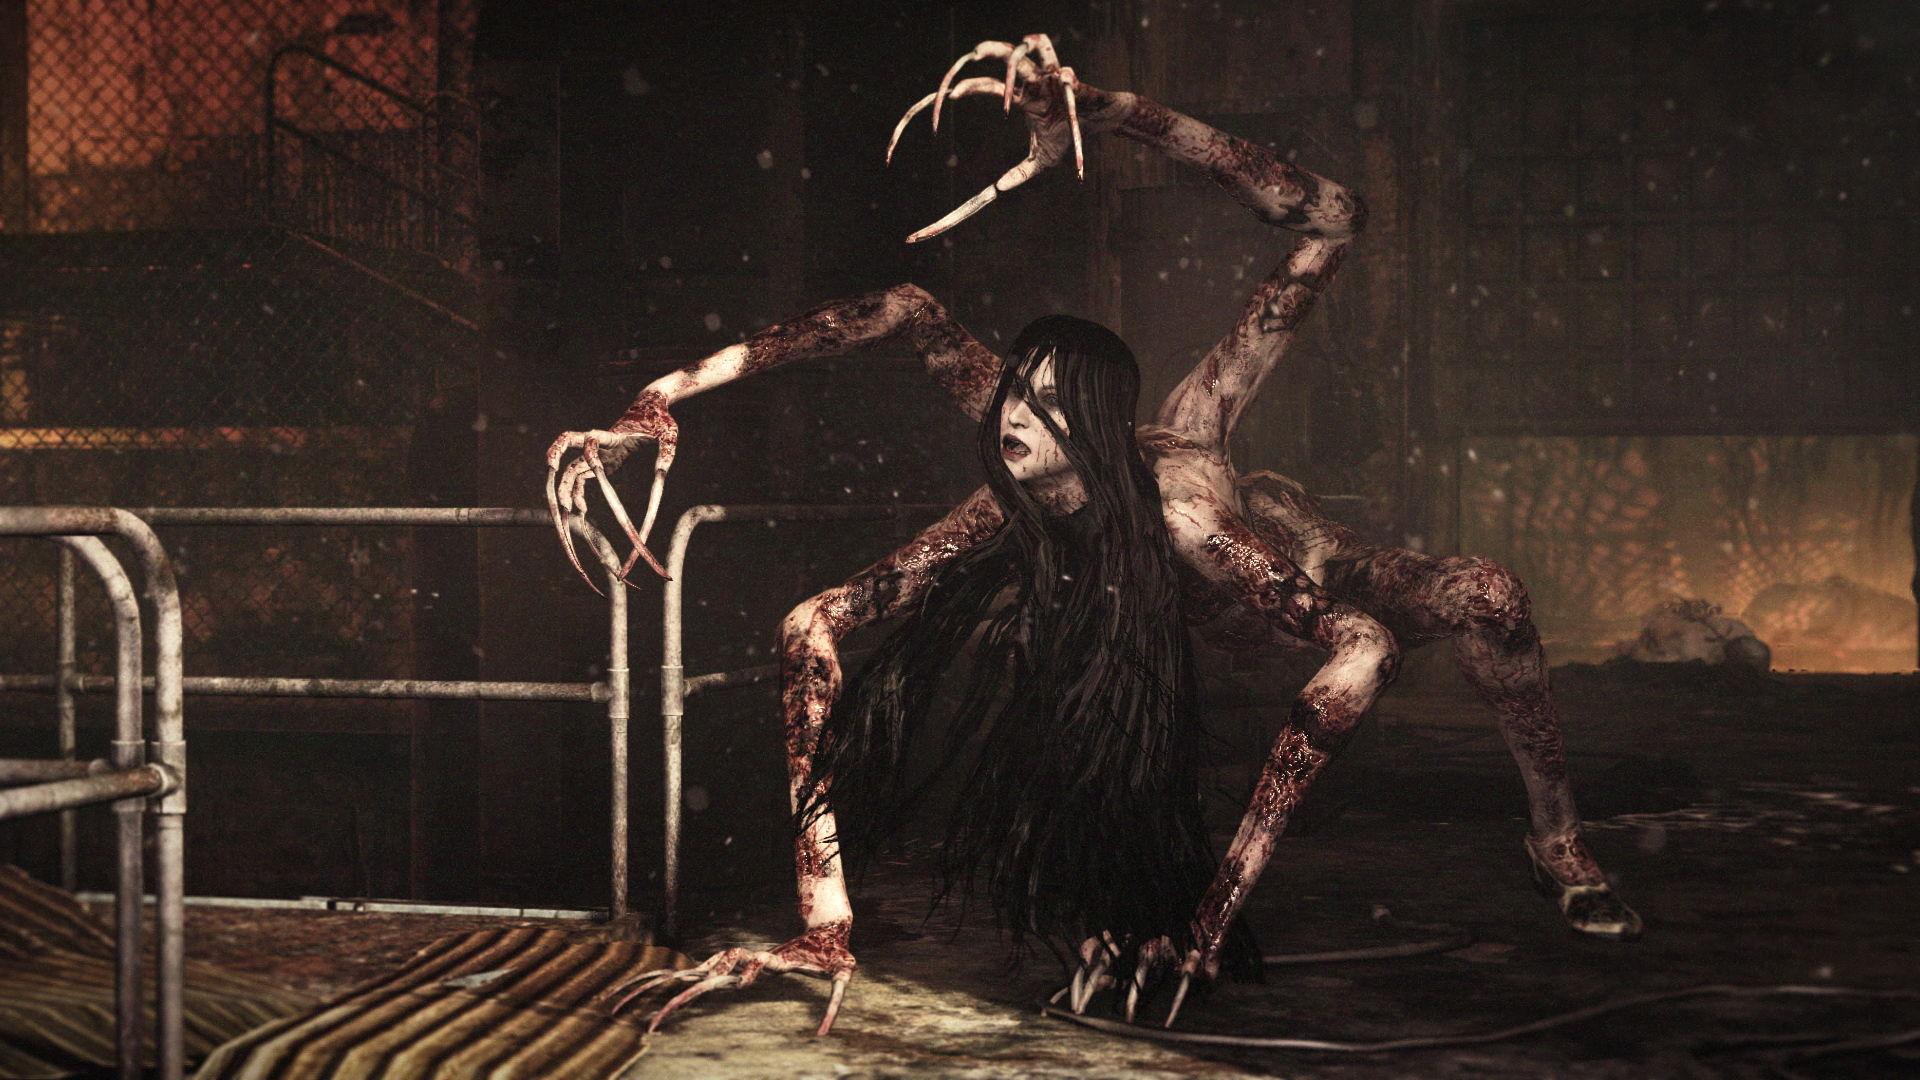 恶灵附身2(The Evil Within 2)免安装中文绿色版|DLC|升级档|网盘下载